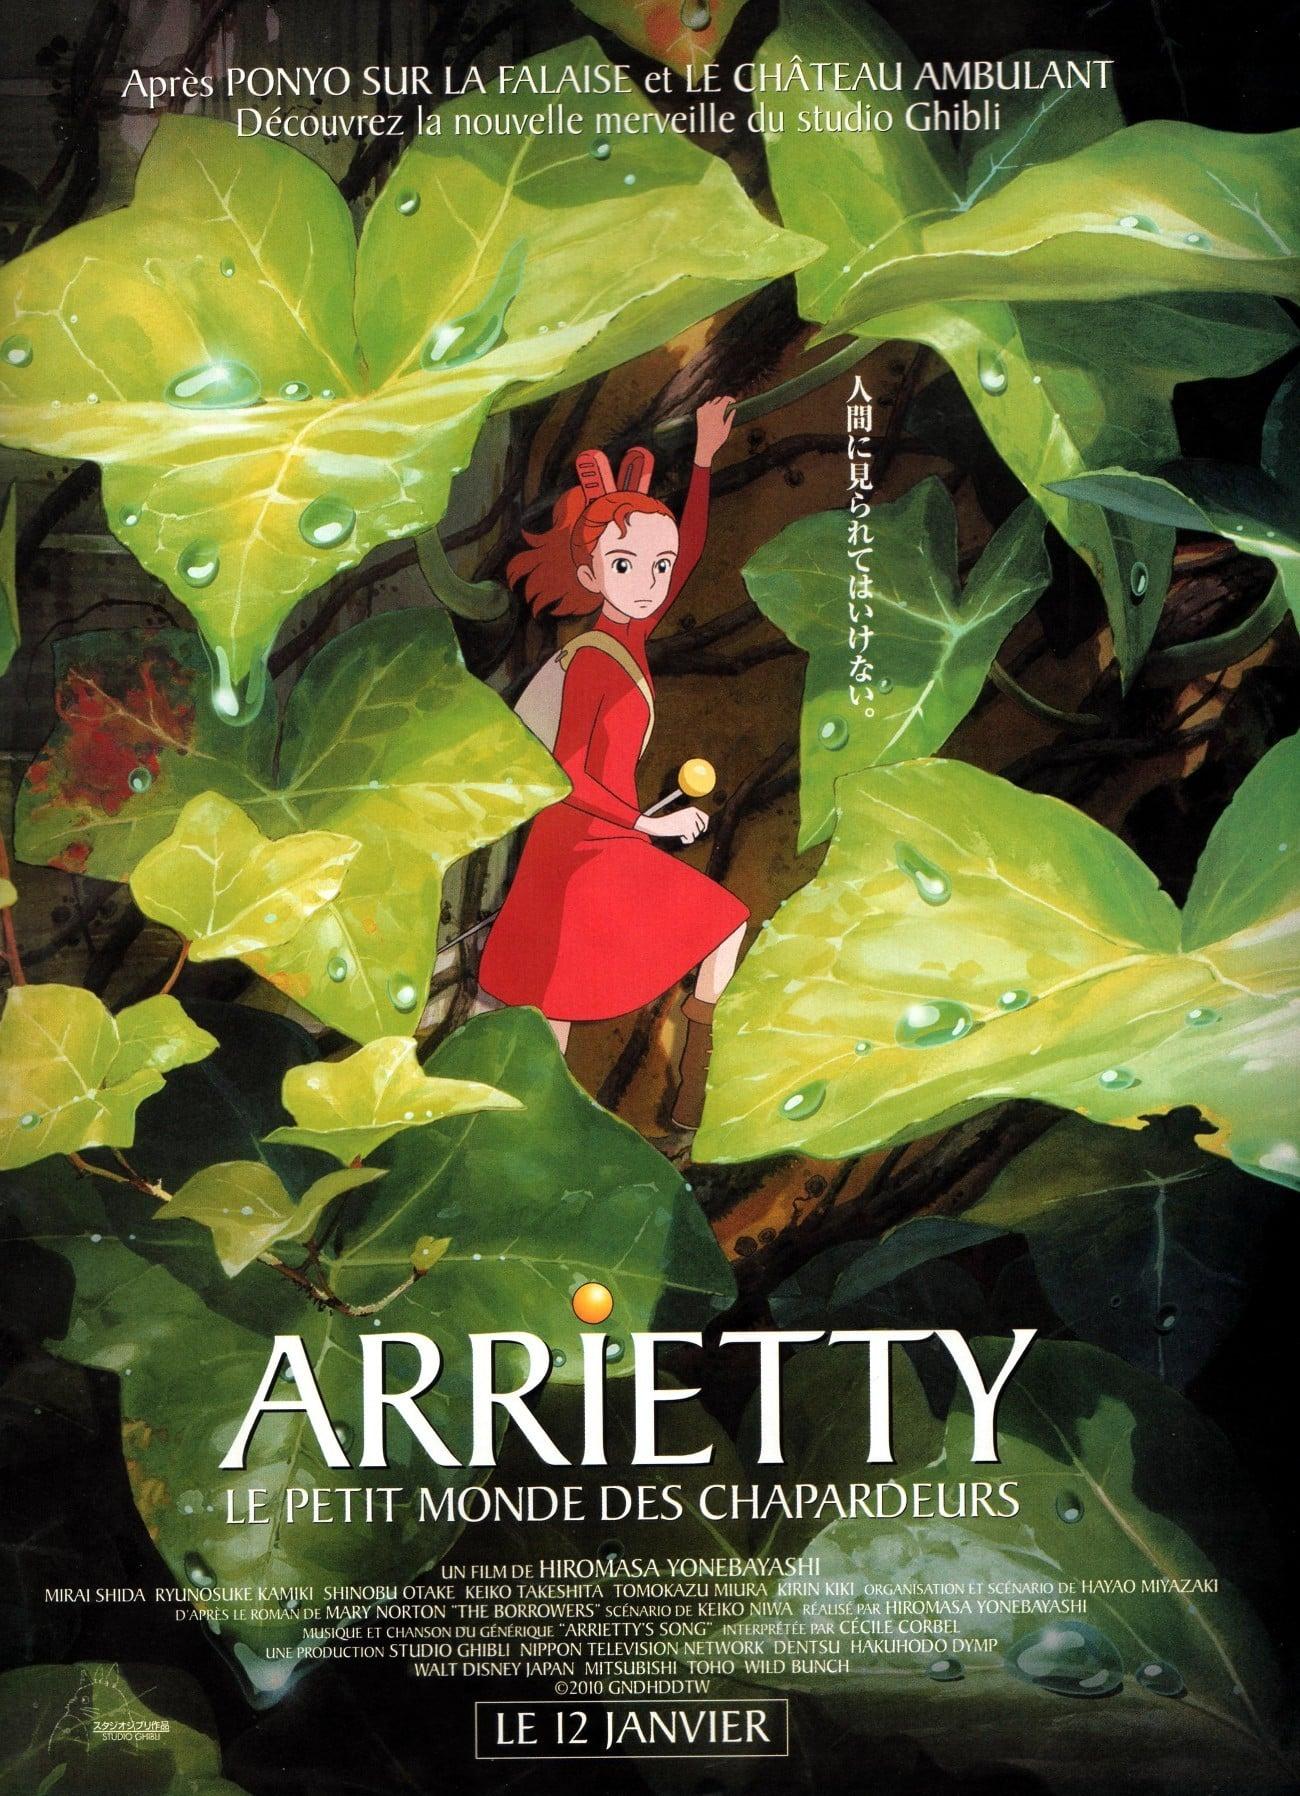 affiche du film Arrietty : Le petit monde des chapardeurs